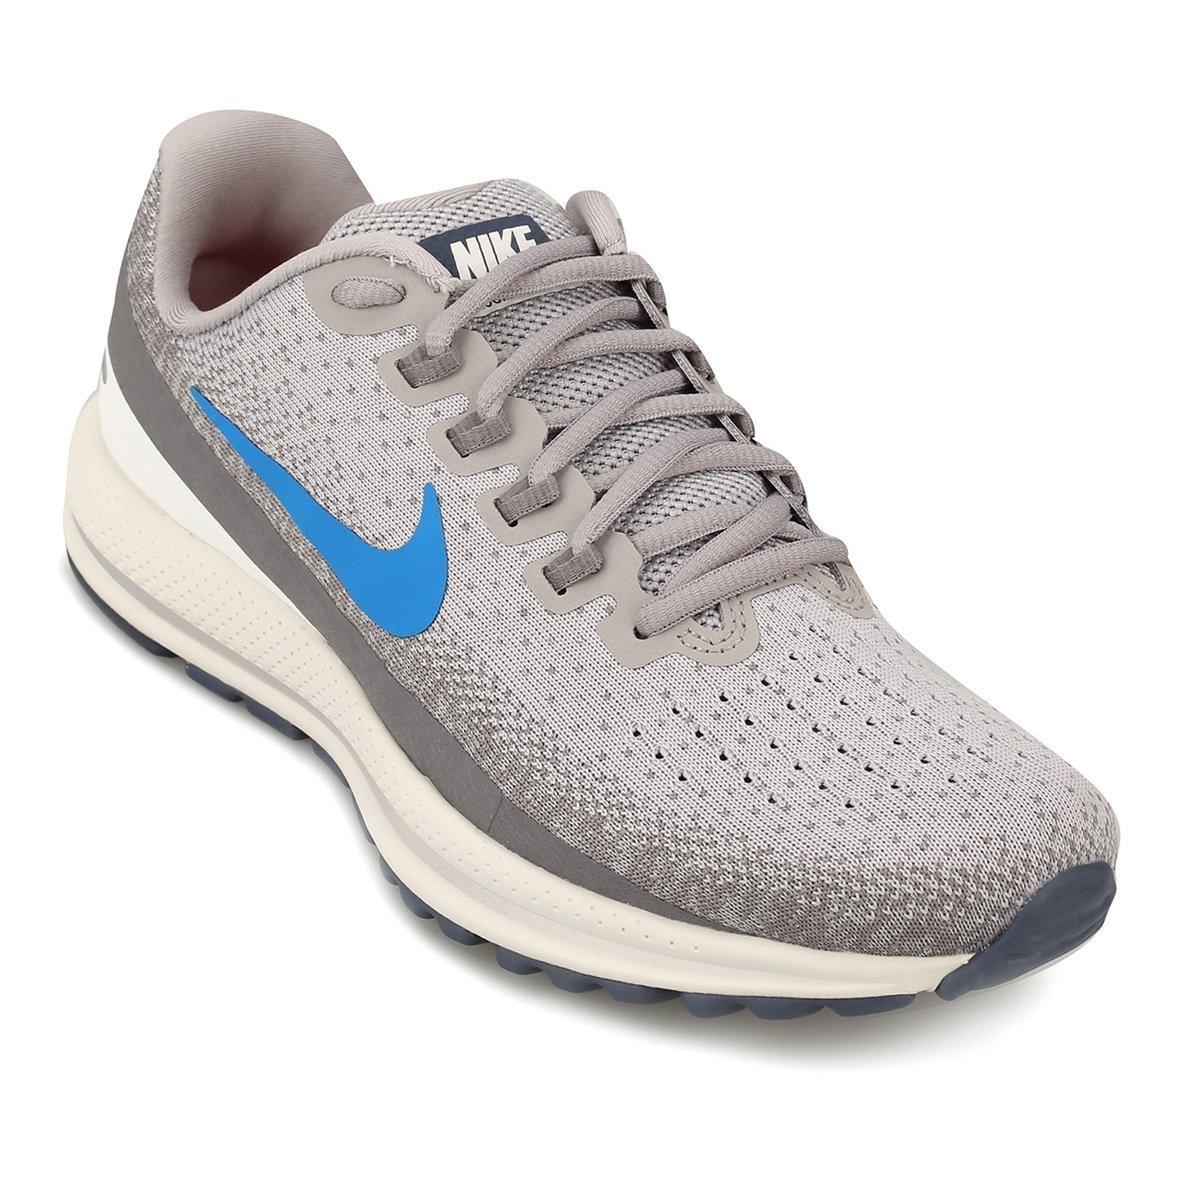 8f2ab97e2a773 zapatillas nike air zoom vomero 13 de hombre color gris. Cargando zoom.